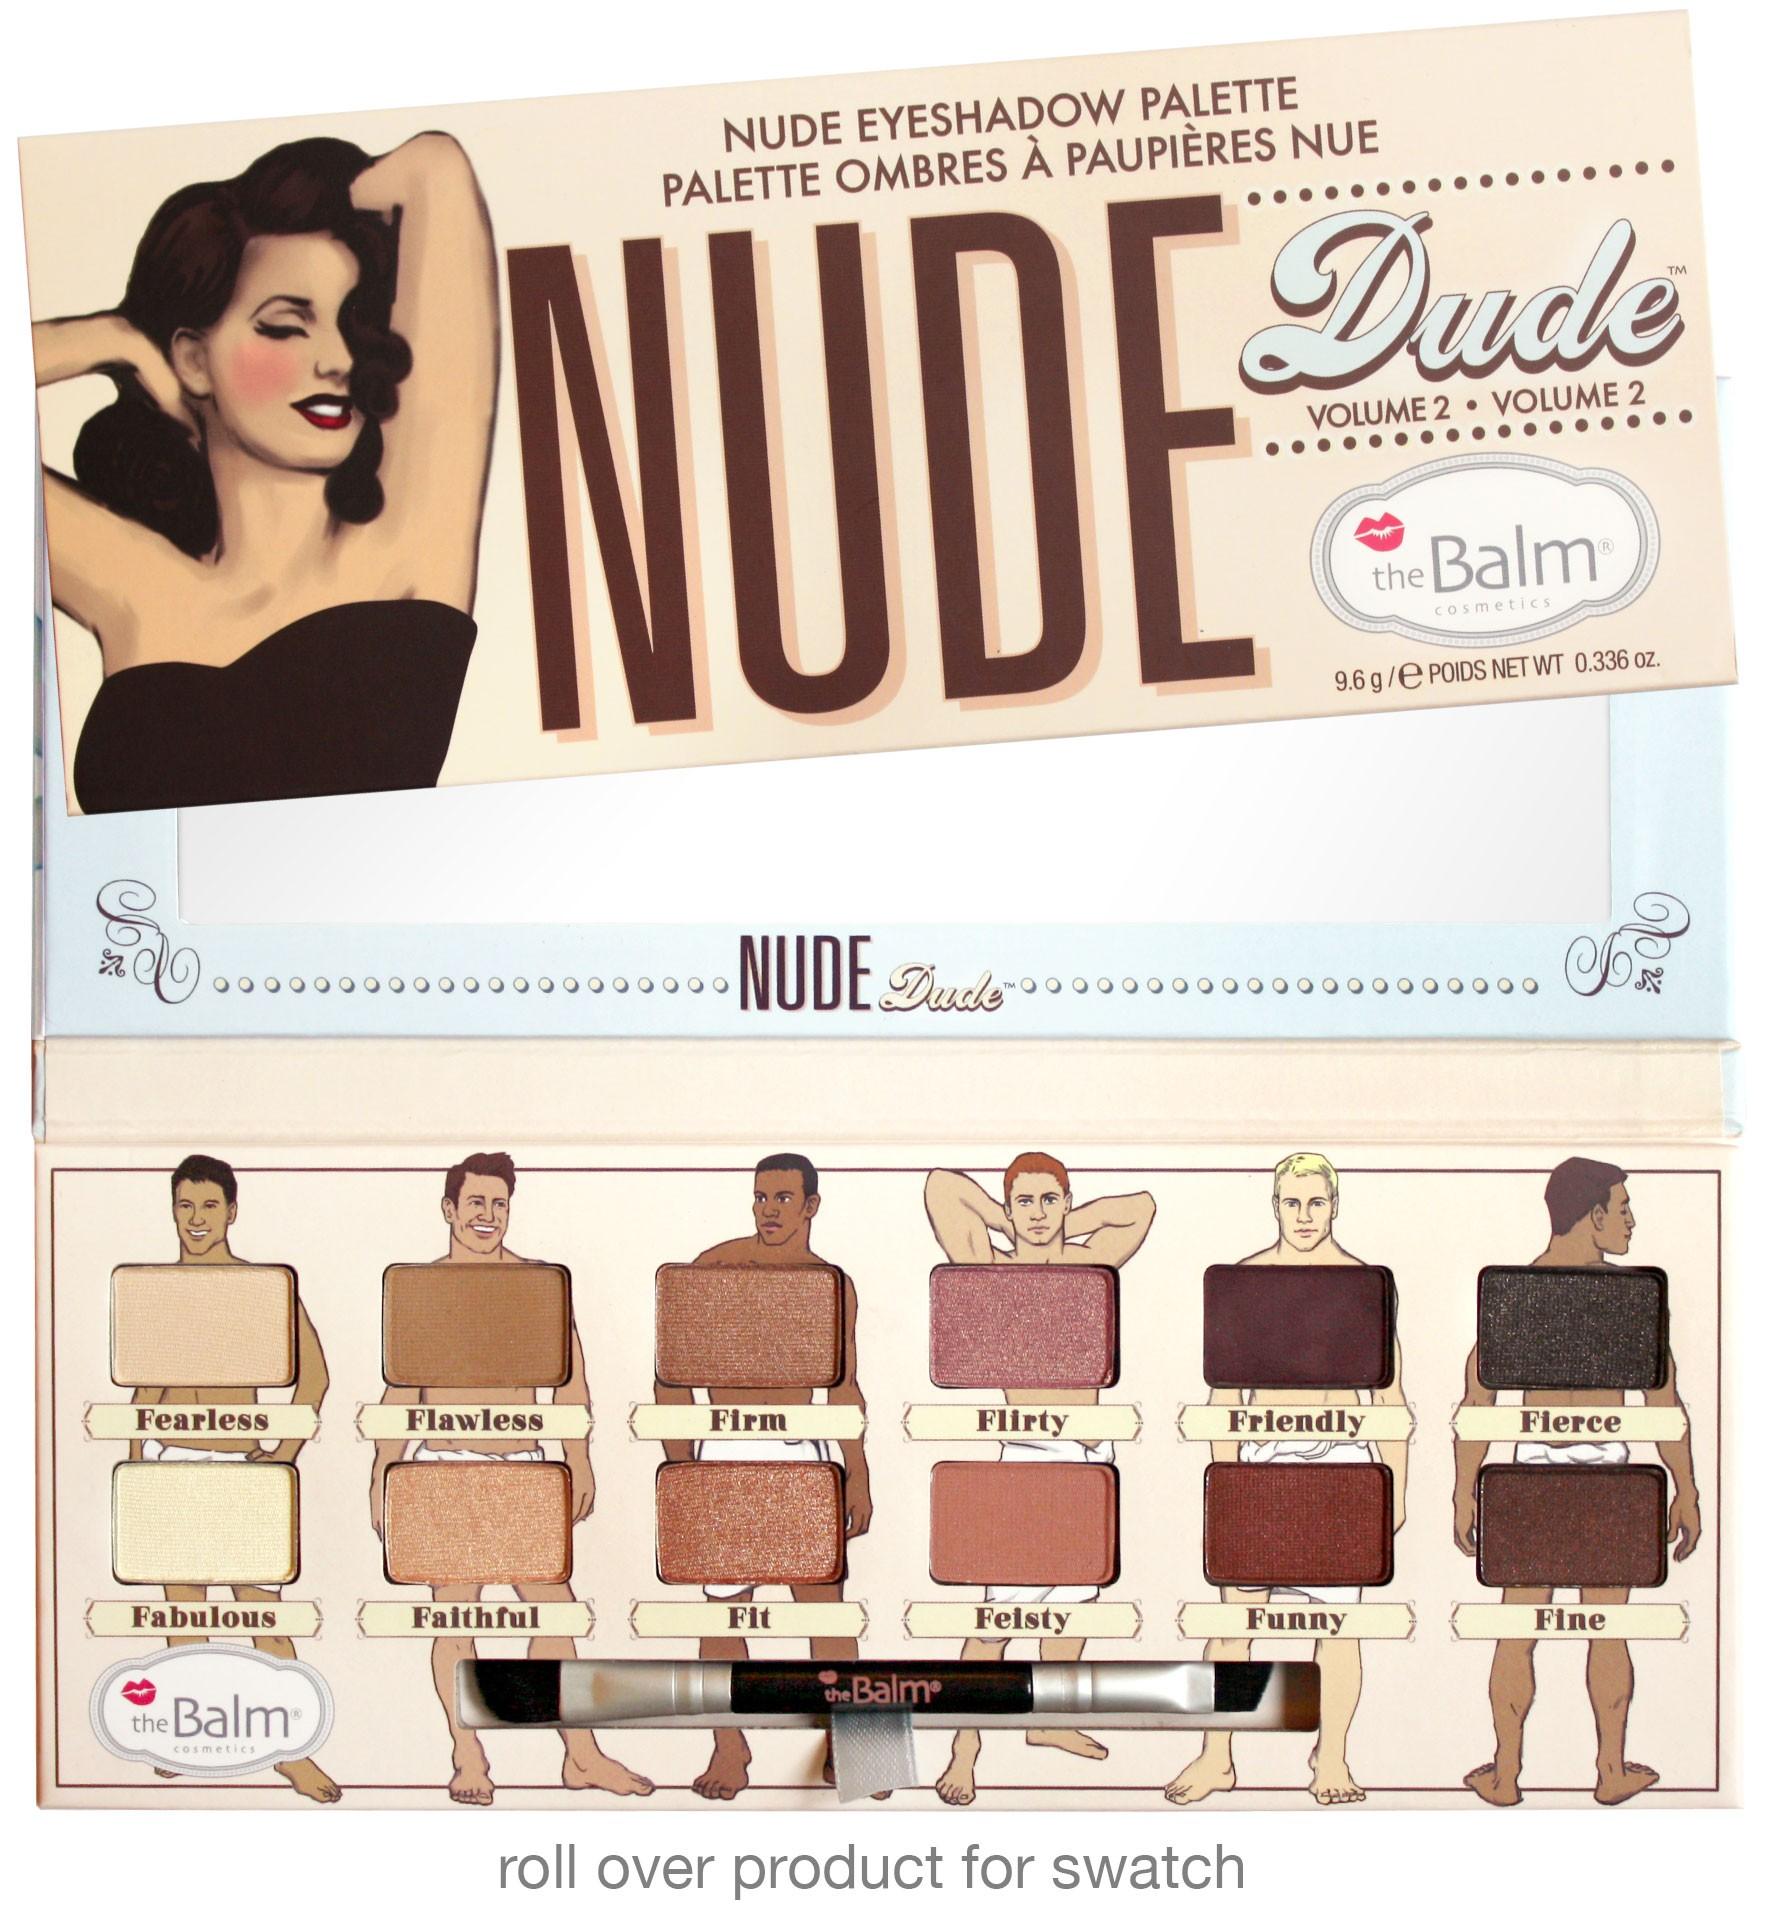 THE BALM Палетка теней / Nude DudeТени<br>Палетка теней Nude Dude. Палетка для макияжа. Включает 12 оттенков с атласной сатинированной текстурой. В комплекте   кисть с двумя рабочими краями: для нанесения и растушевки теней и для контуринга век (скошенная). Зеркало   в упаковке. Способ применения: используются для создания различных видов макияжа: легкий дневной (nude-макияж), яркий вечерний, выразительный для особых случаев. Текстура и насыщенность оттенков позволяют применять их для создания линий подводки.<br>